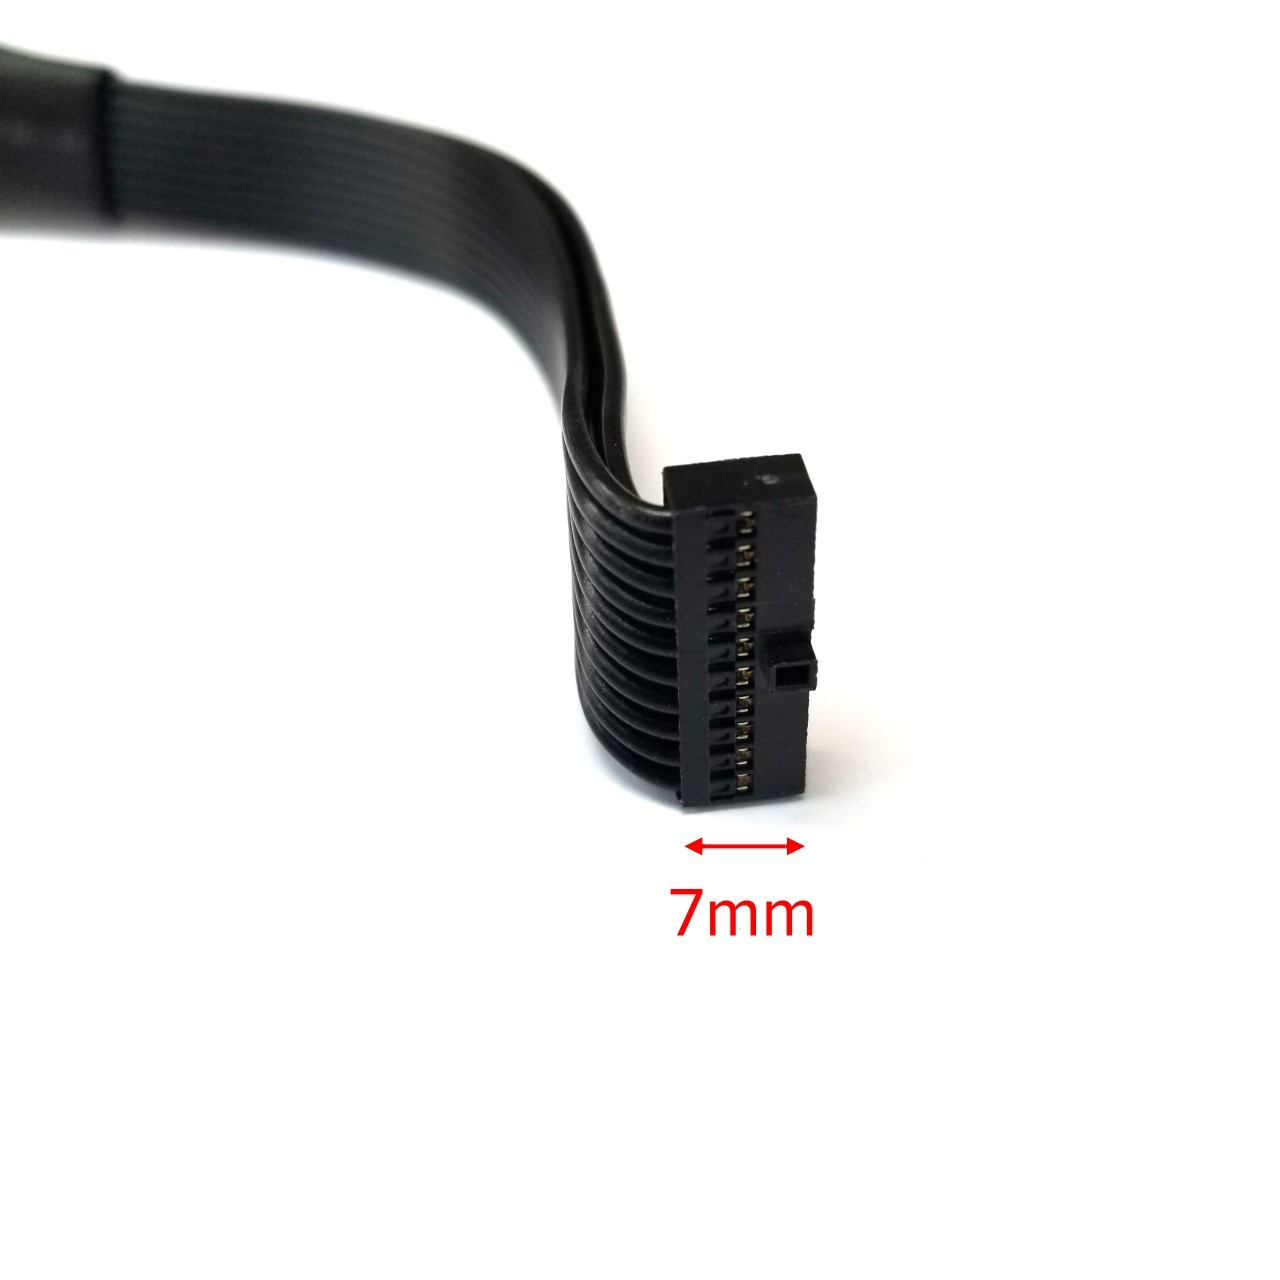 USB 3.0 20ピン内部ヘッダー延長ケーブル